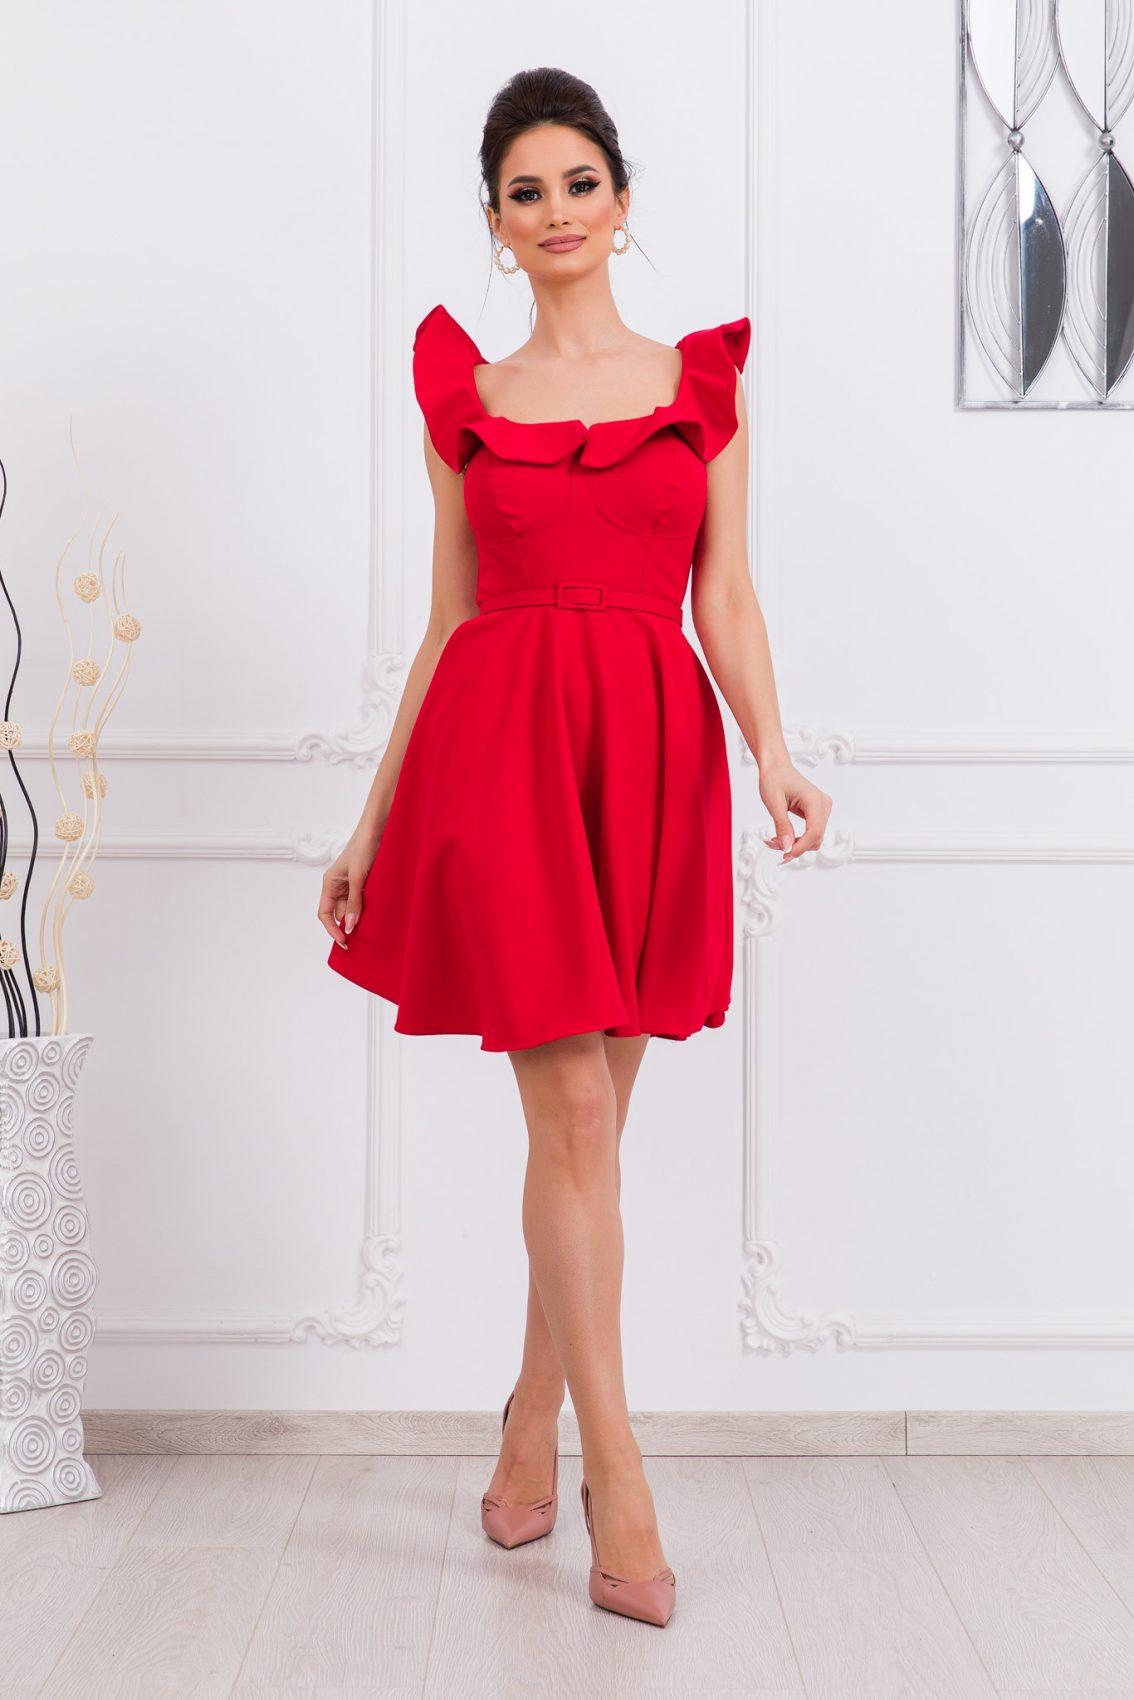 Κόκκινο Κλος Φόρεμα Με Βολάν Girlish 9678 3